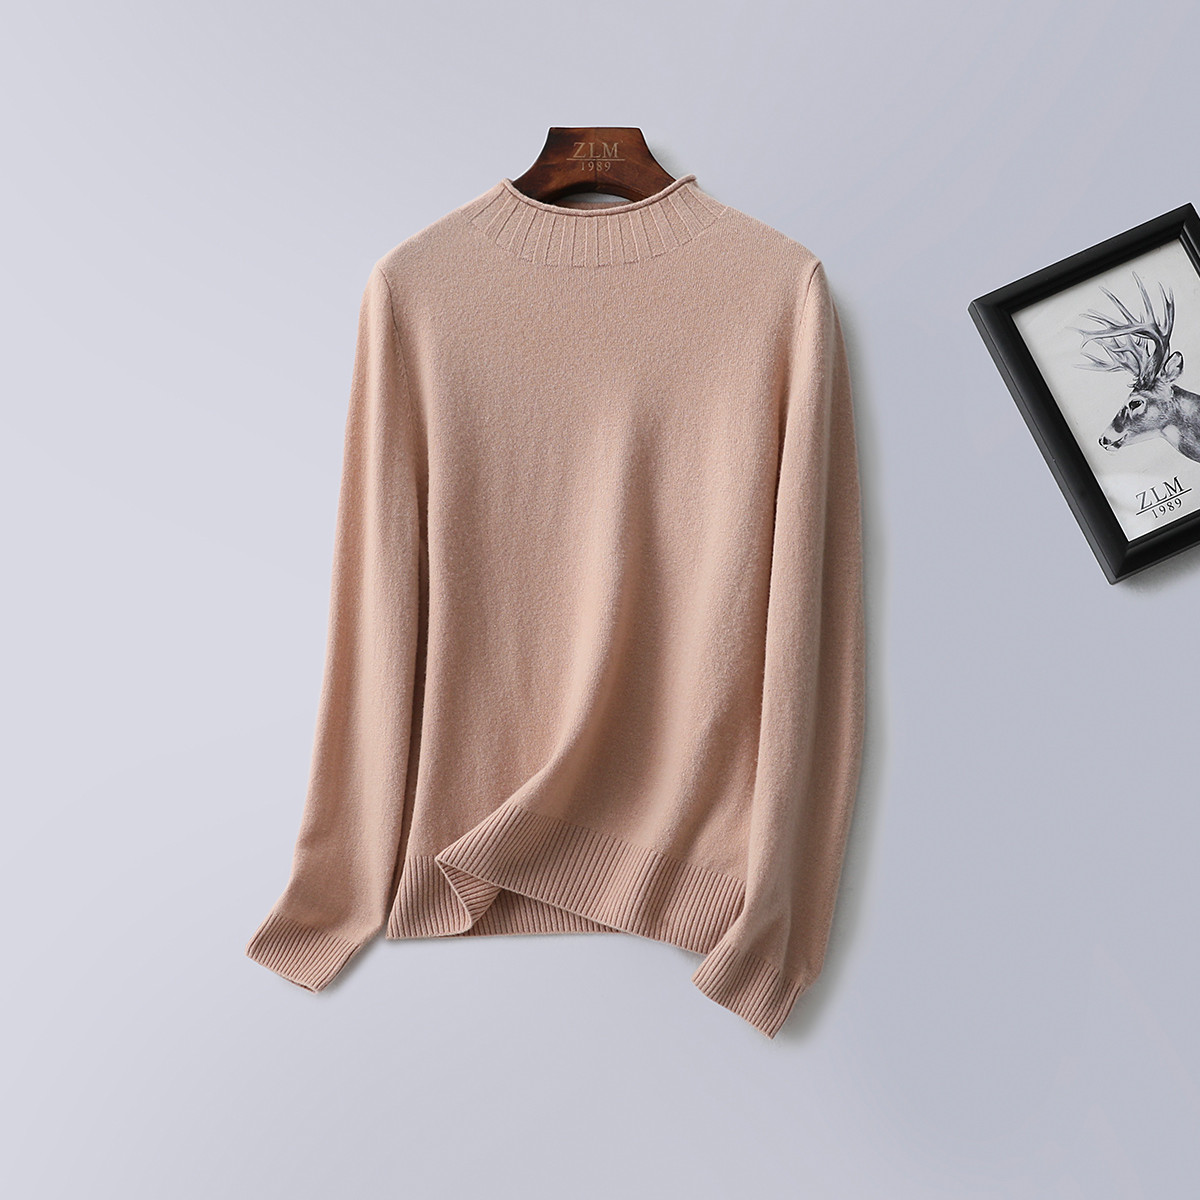 紫澜门19冬新品100%羊毛纯色半高领舒适保暖长袖打底女装羊毛衫3201304889402